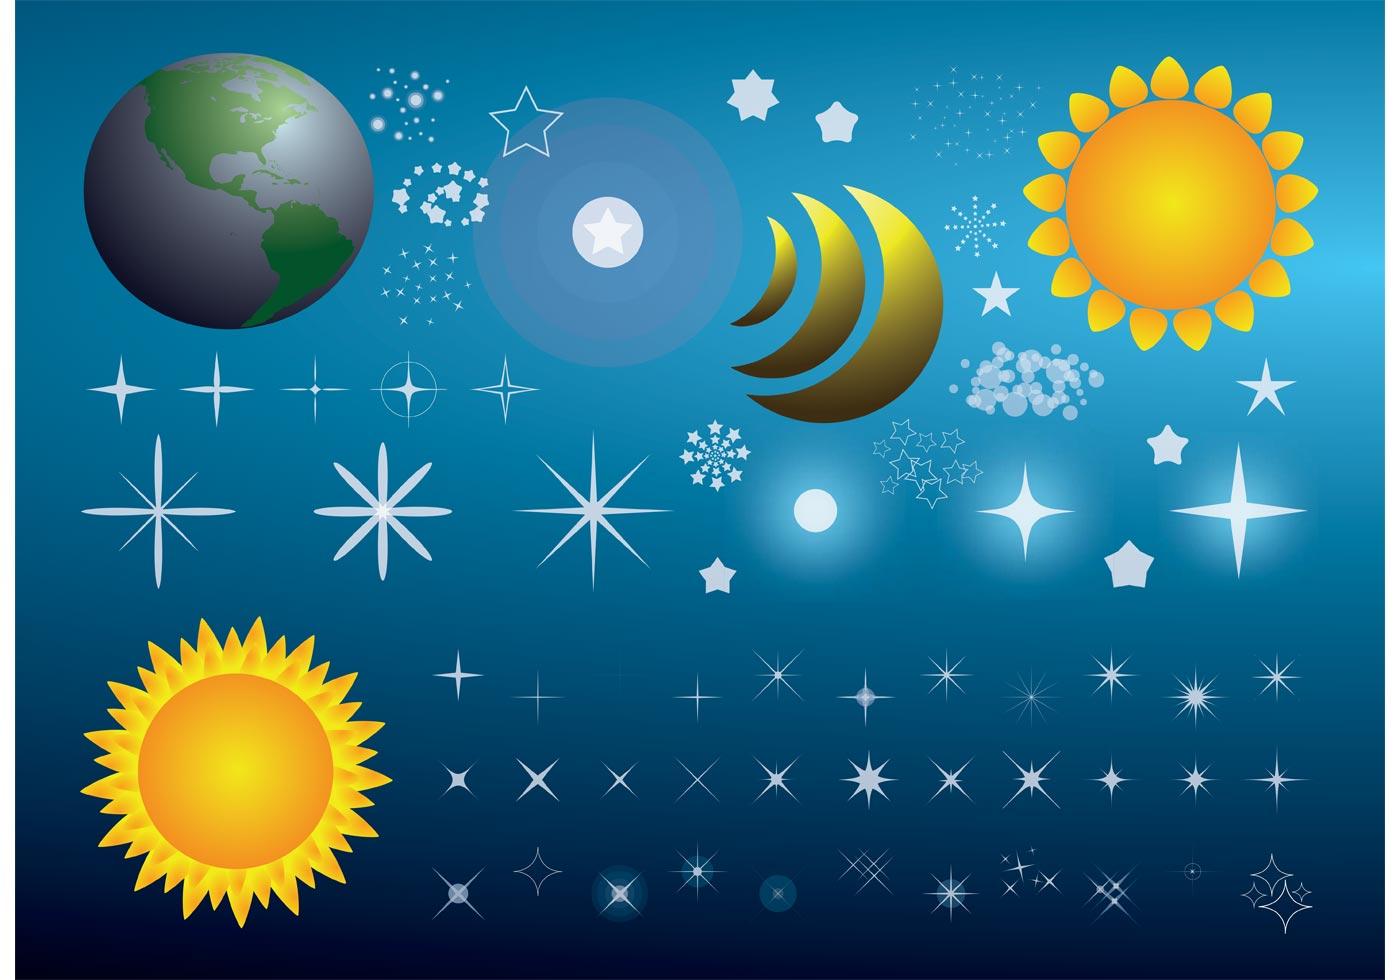 Ilustração Gratis Espaço Todos Os Universo Cosmos: Download Vetores E Gráficos Gratuitos